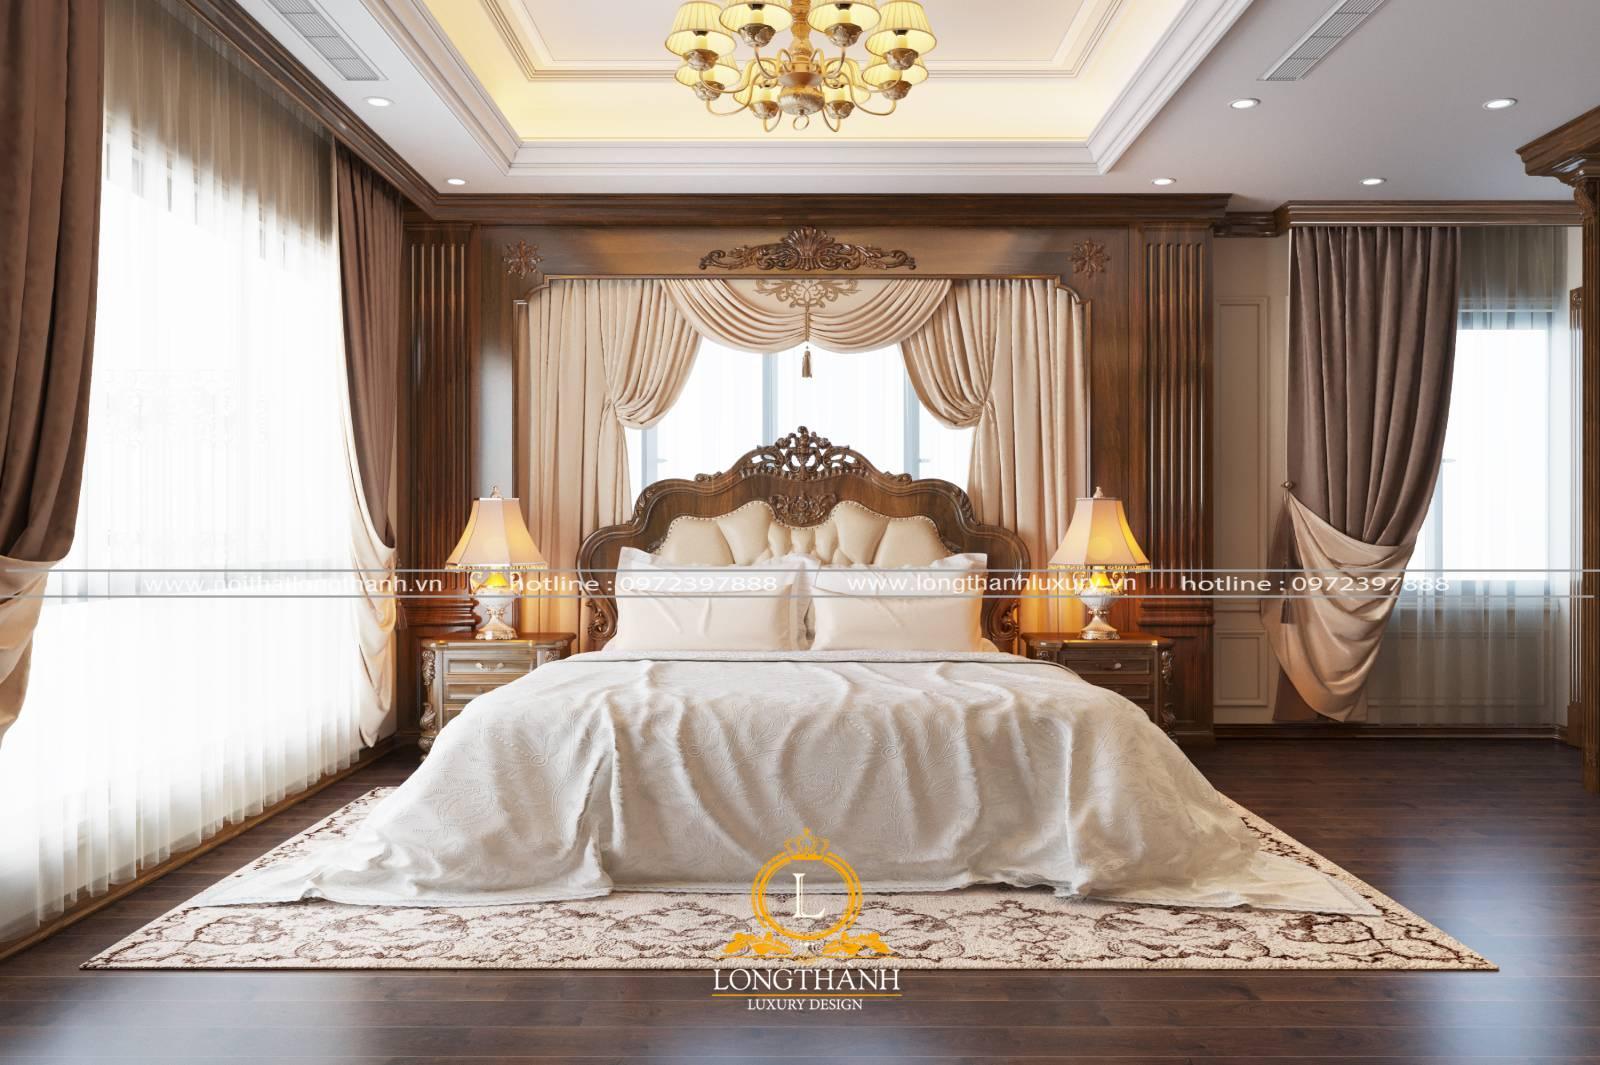 Nội thất phòng ngủ với thiết kế tân cổ điển